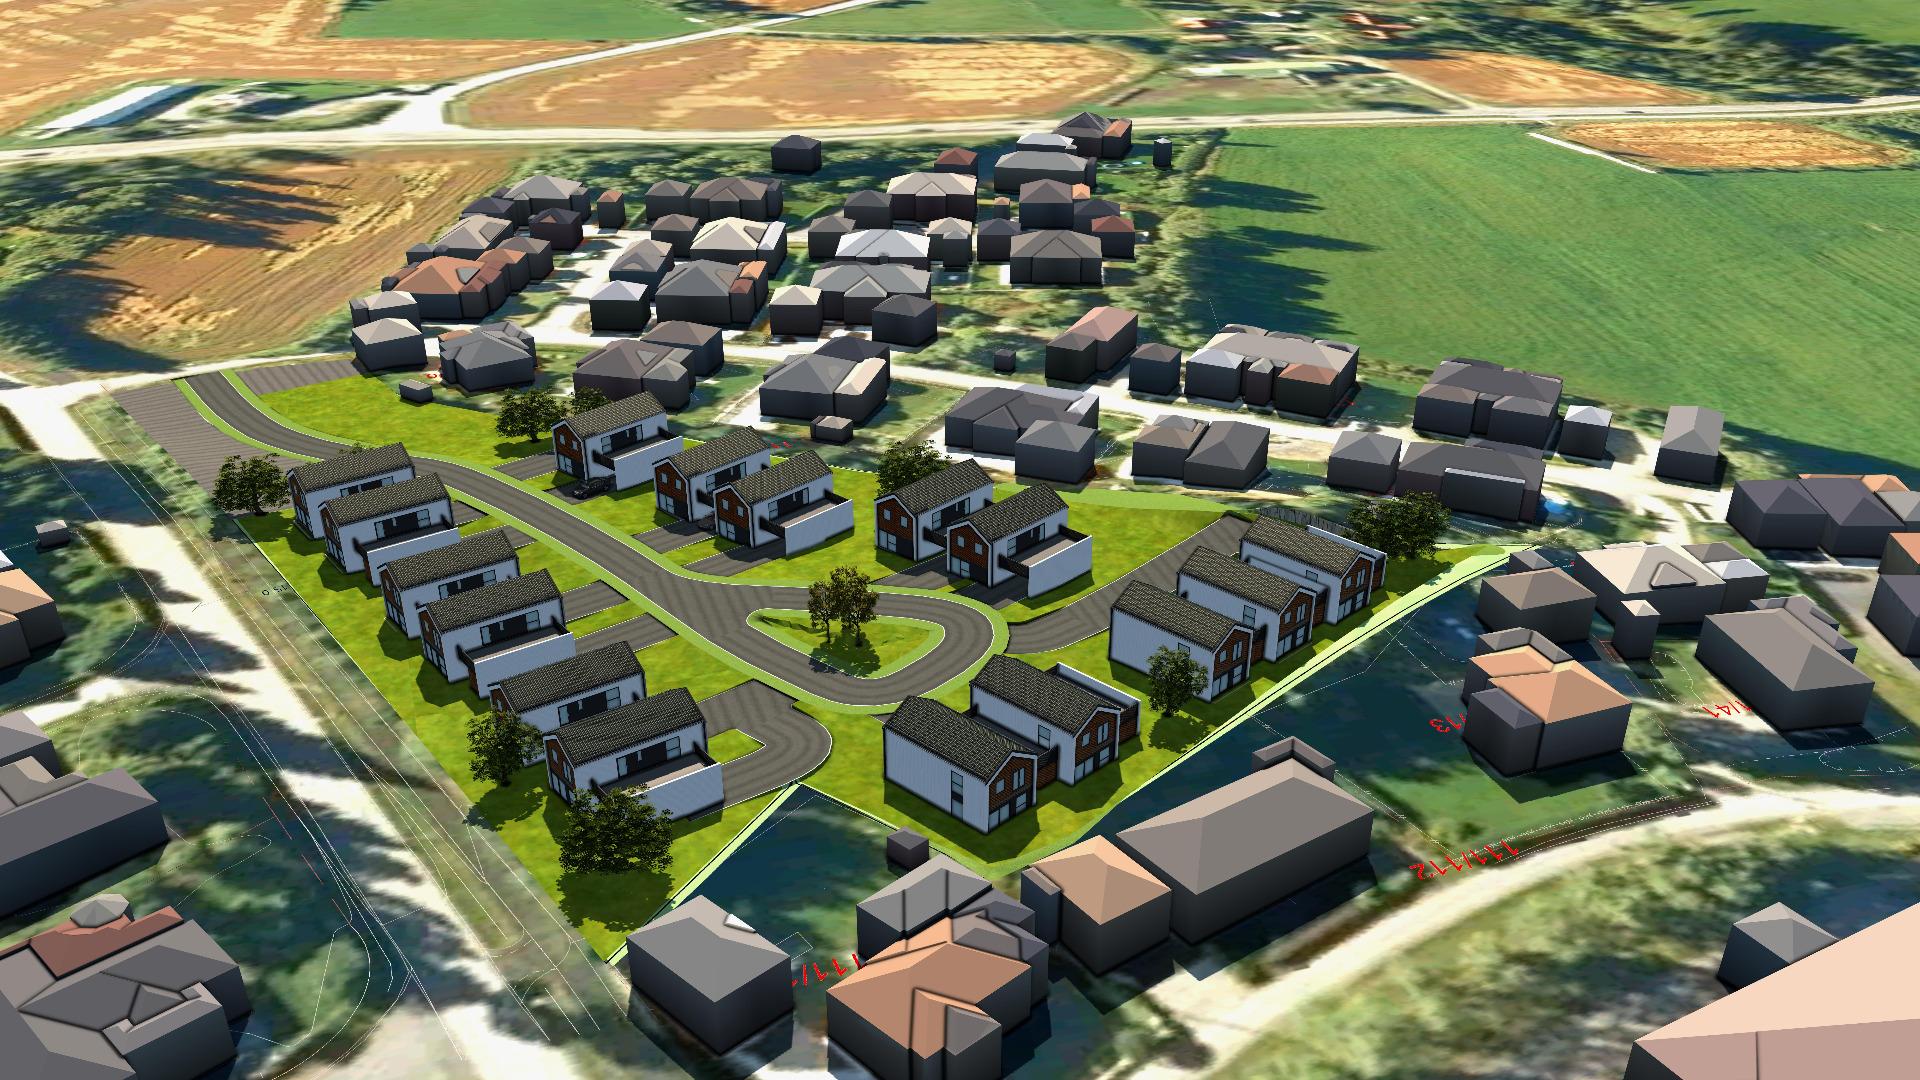 Regulering av boligområdet Algarheim